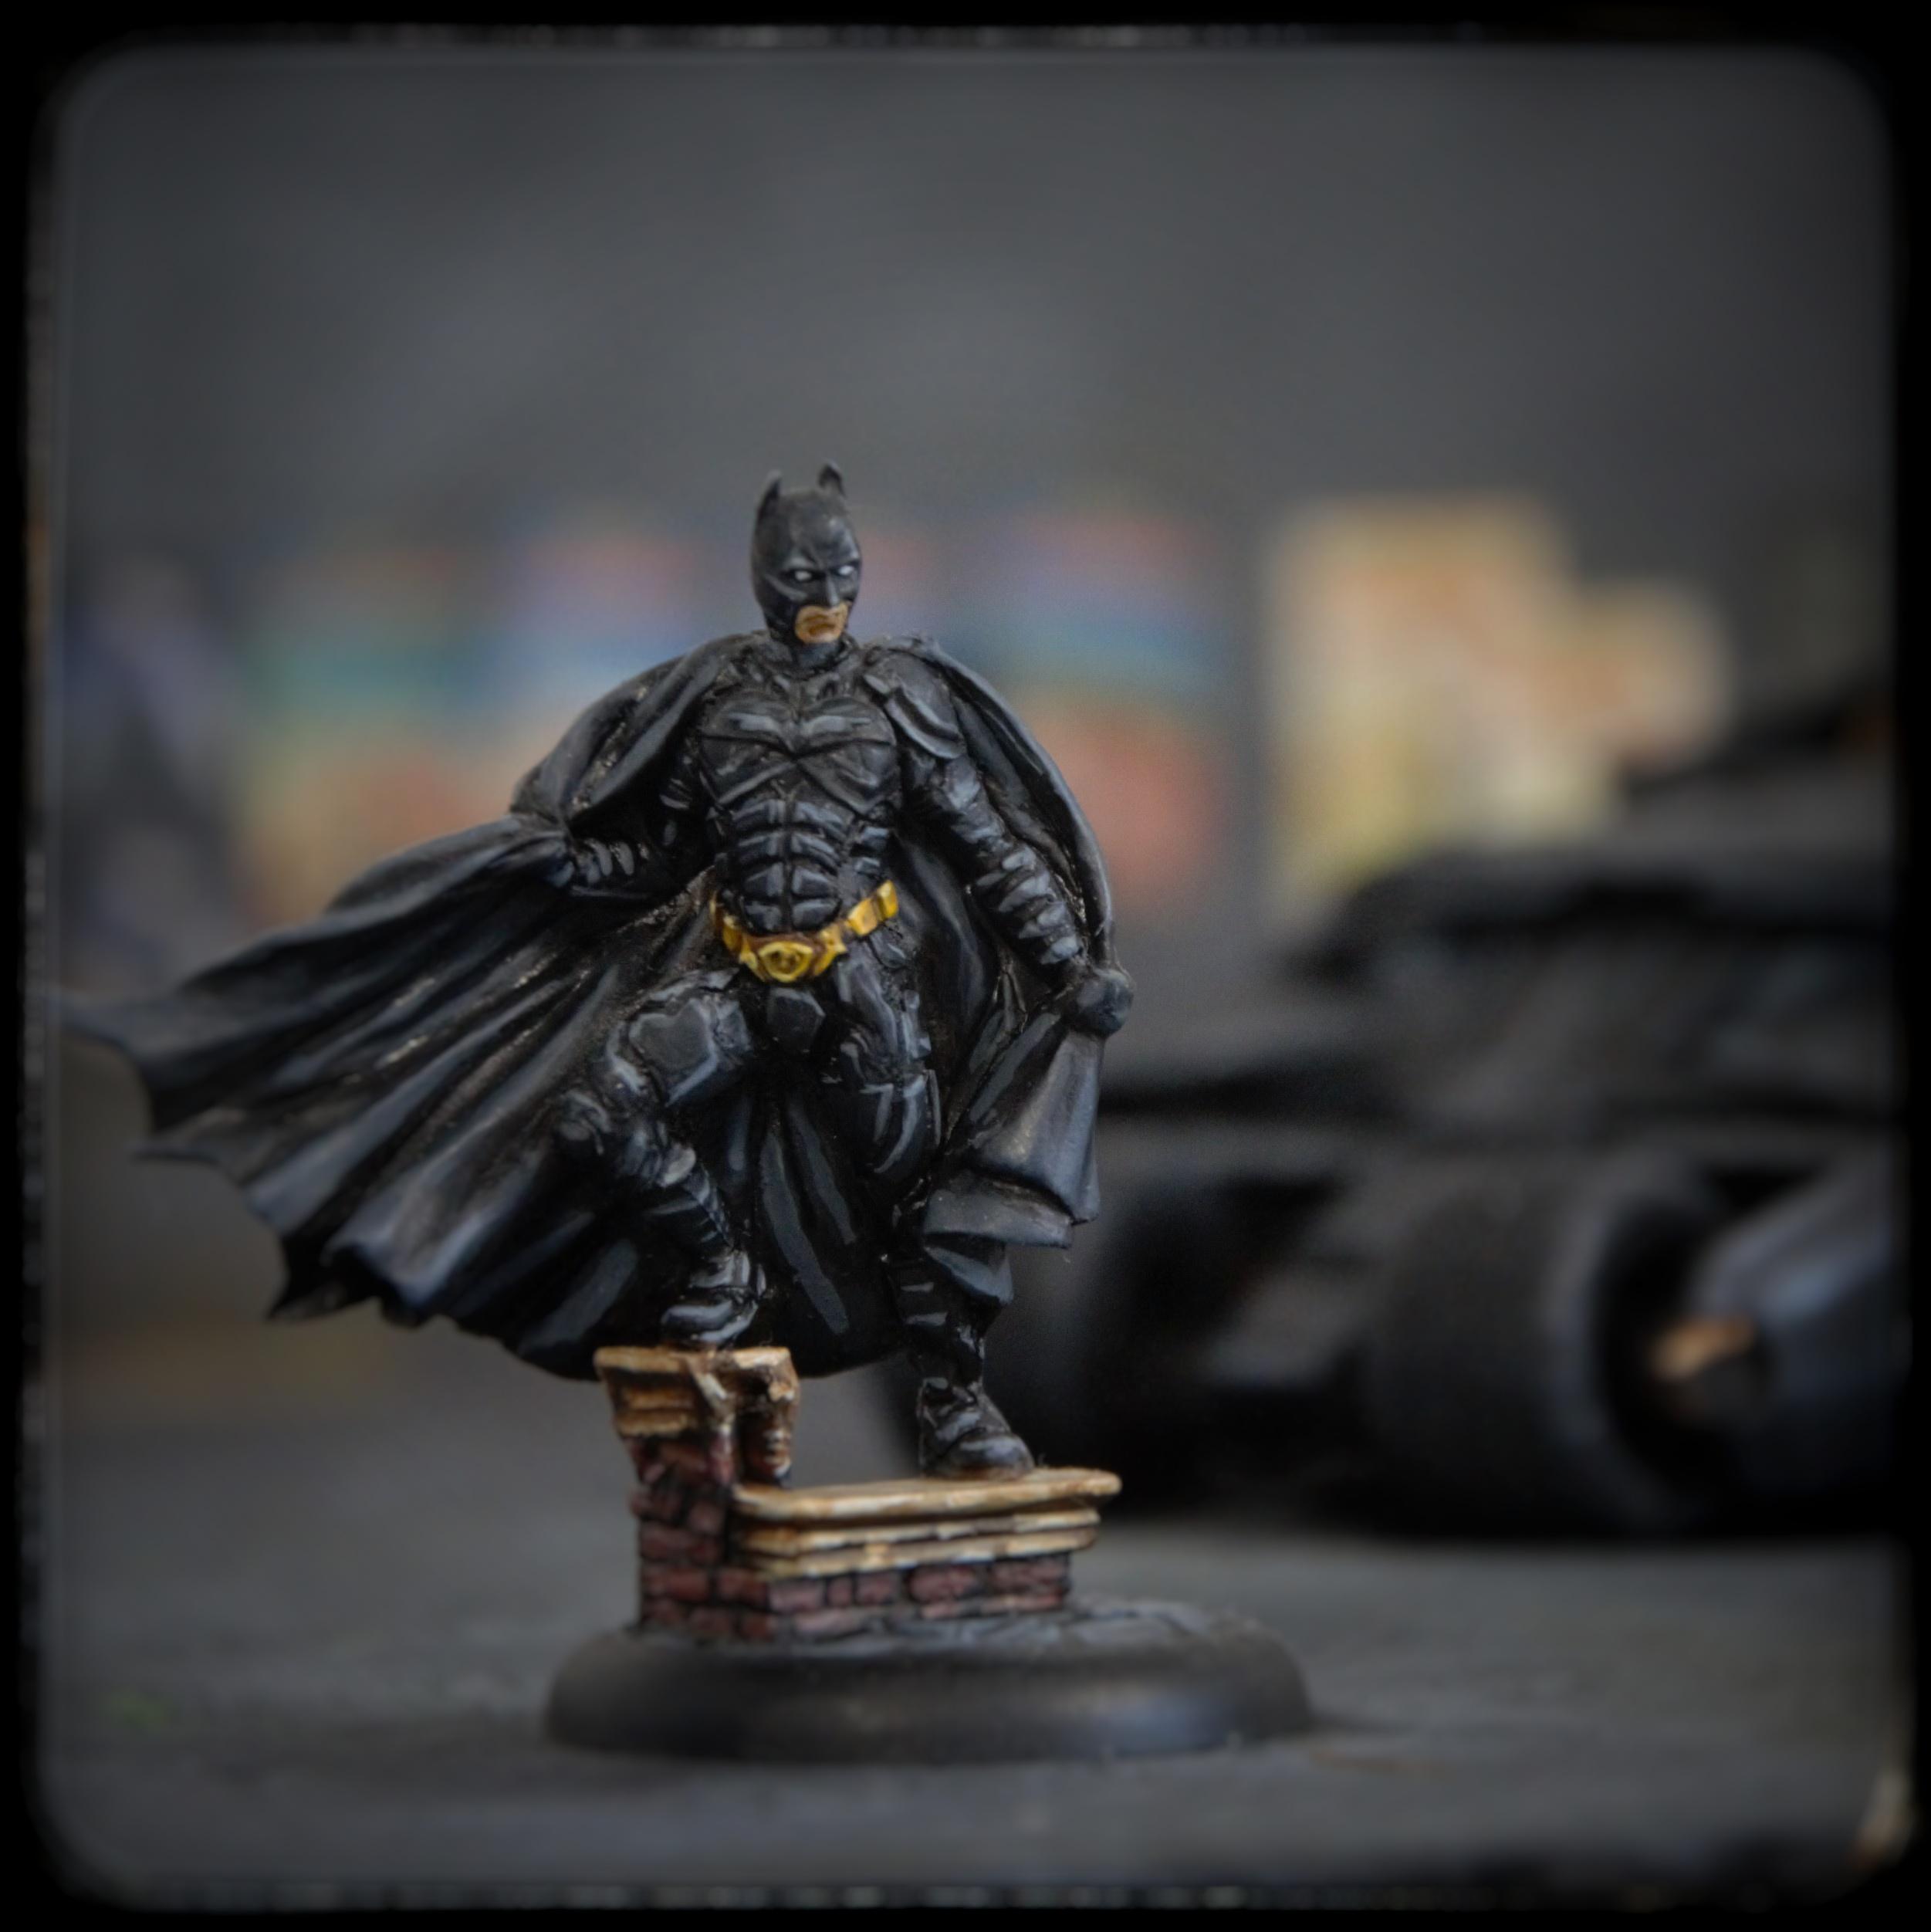 Batman Begins Knight Models